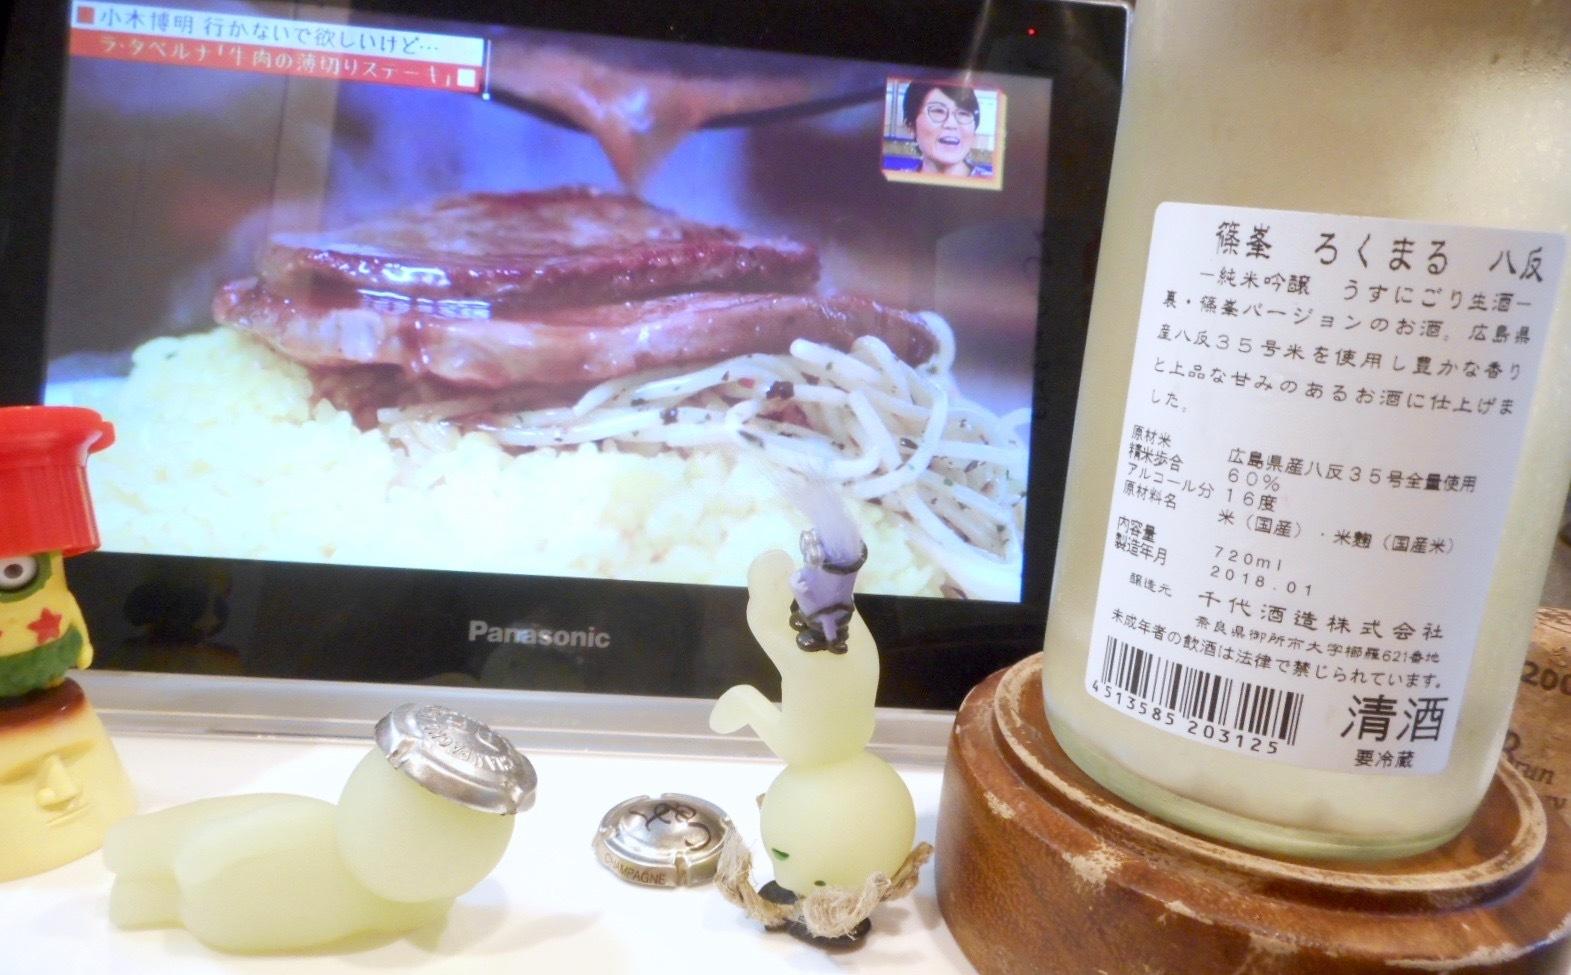 rokumaru_hattan_nigori29by2_2.jpg